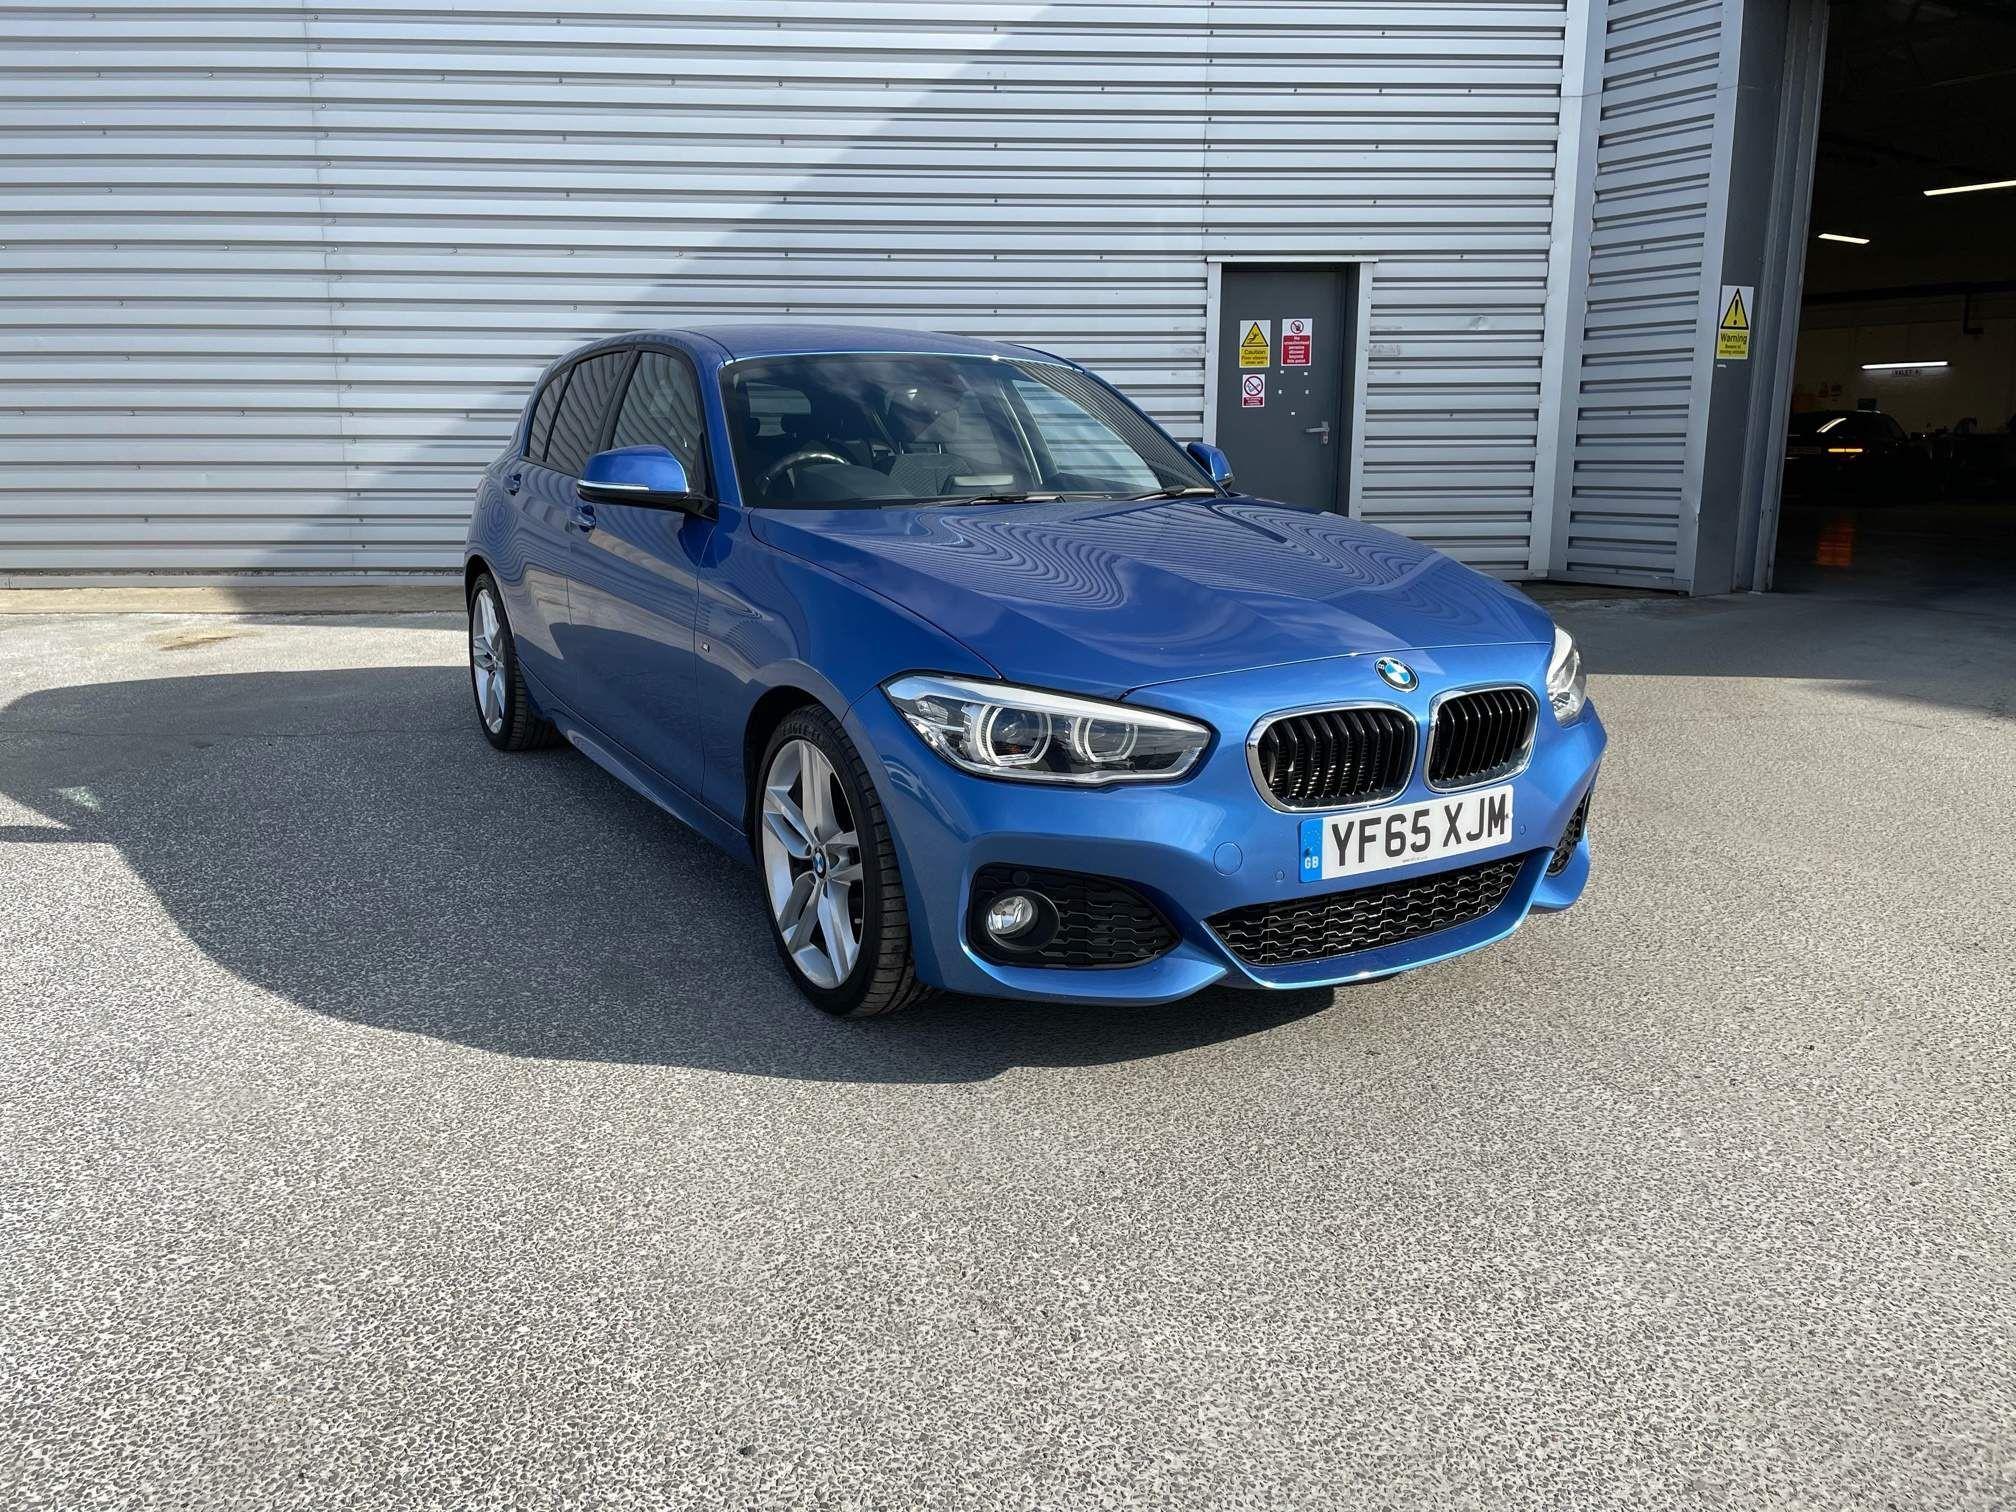 Image 1 - BMW 118d M Sport 5-Door (YF65XJM)